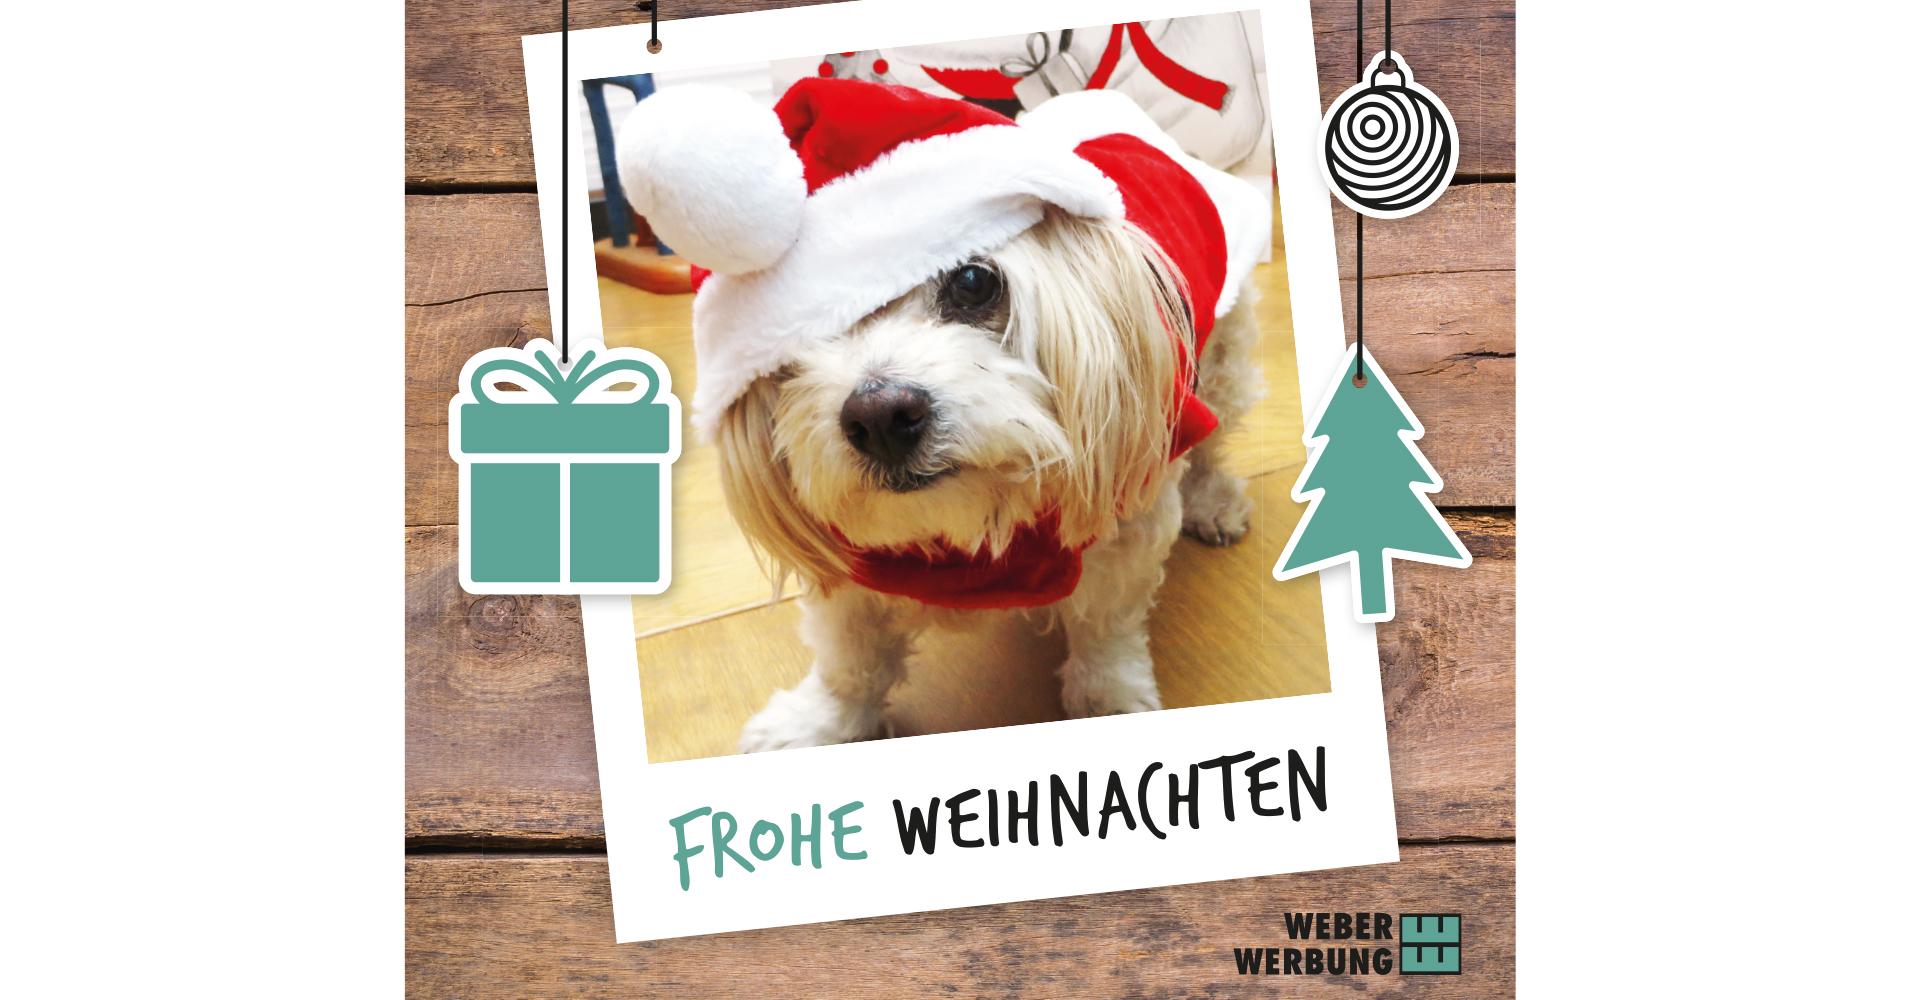 Frohe Weihnachten wünscht Weber Werbung Delligsen